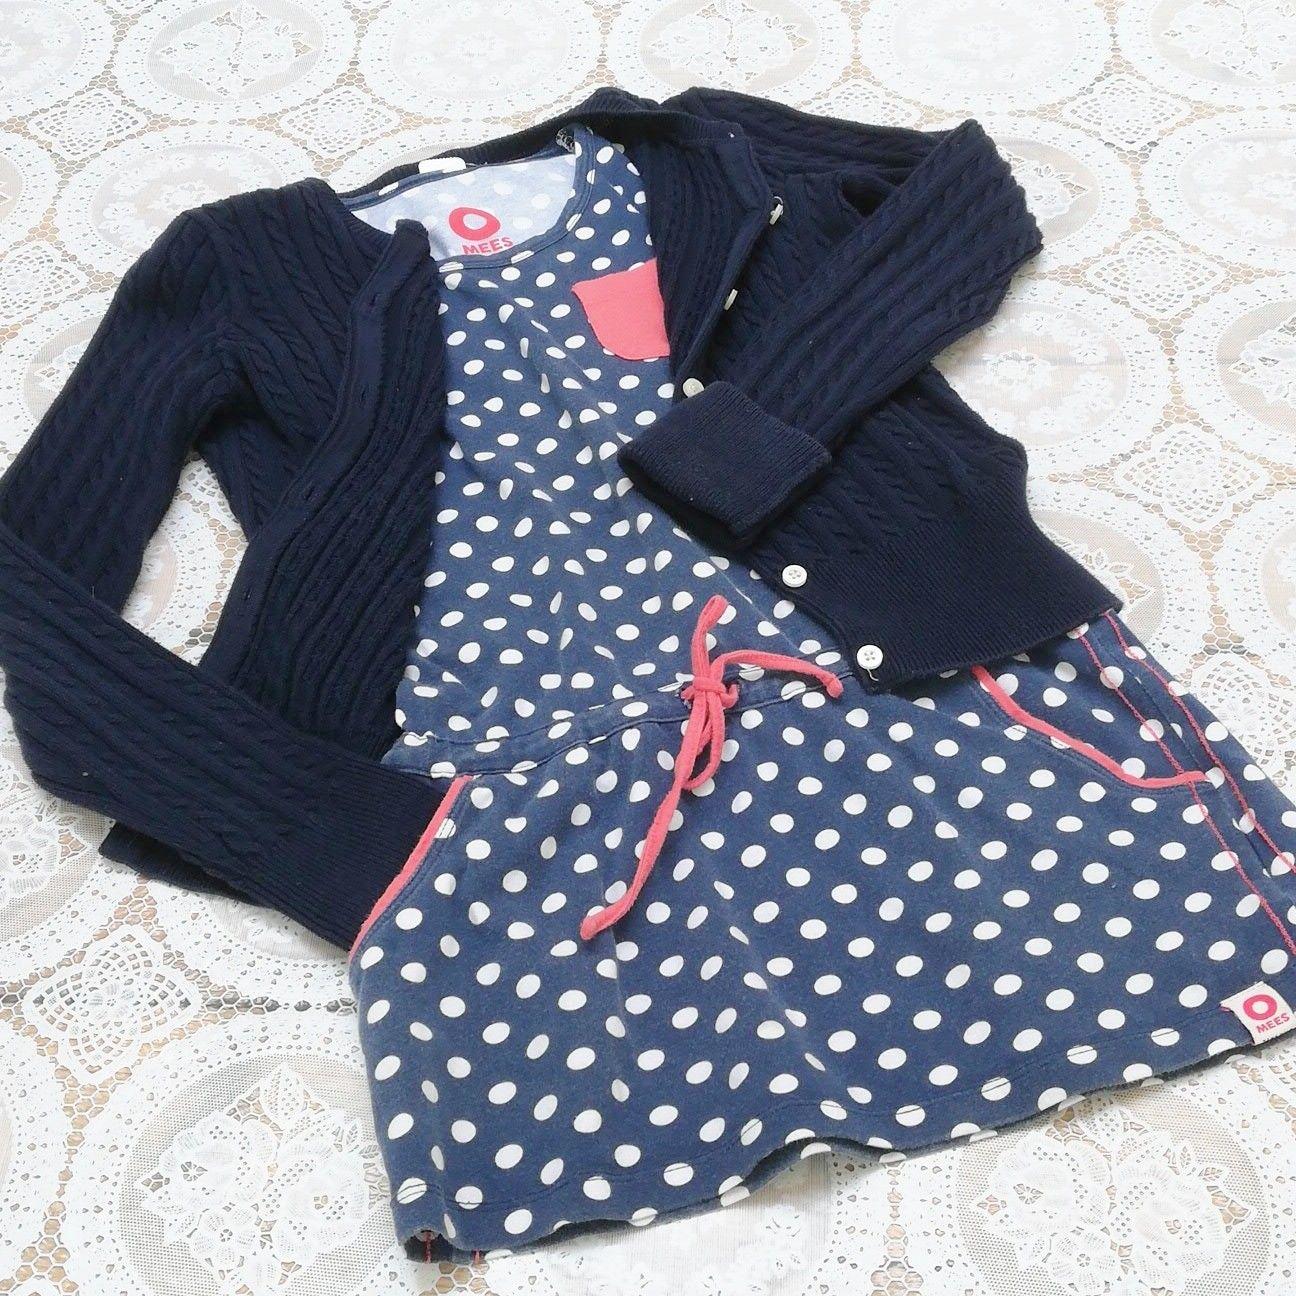 Tweedehands Merk Kinderkleding.Tweedehands Merk Kinderkleding Bij Sanne Tweedehands Kinderkleding